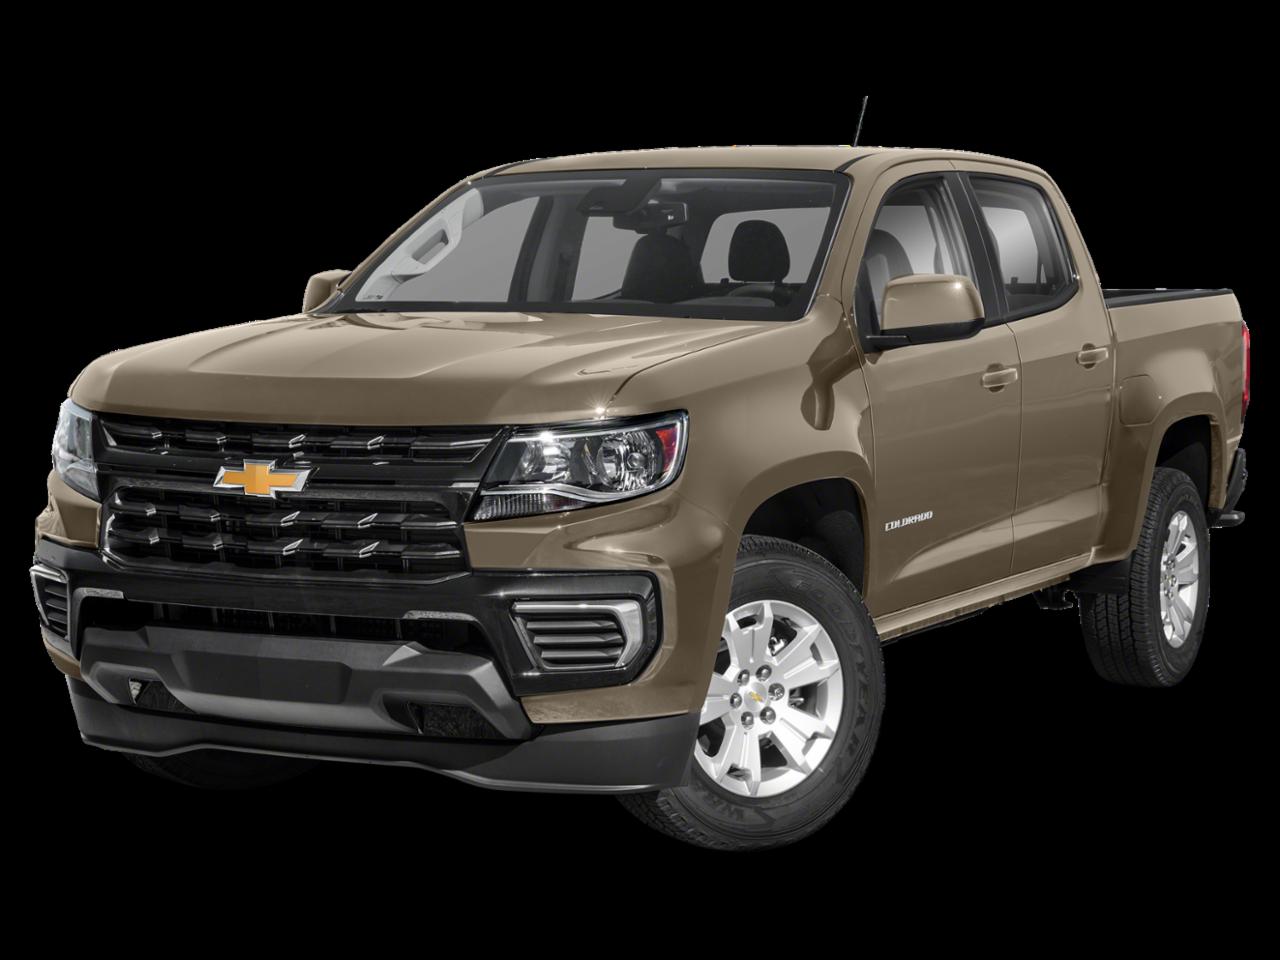 Fiesta Chevrolet Edinburg Tx >> Fiesta Chevrolet | New and Used Chevy Vehicles | Edinburg, TX